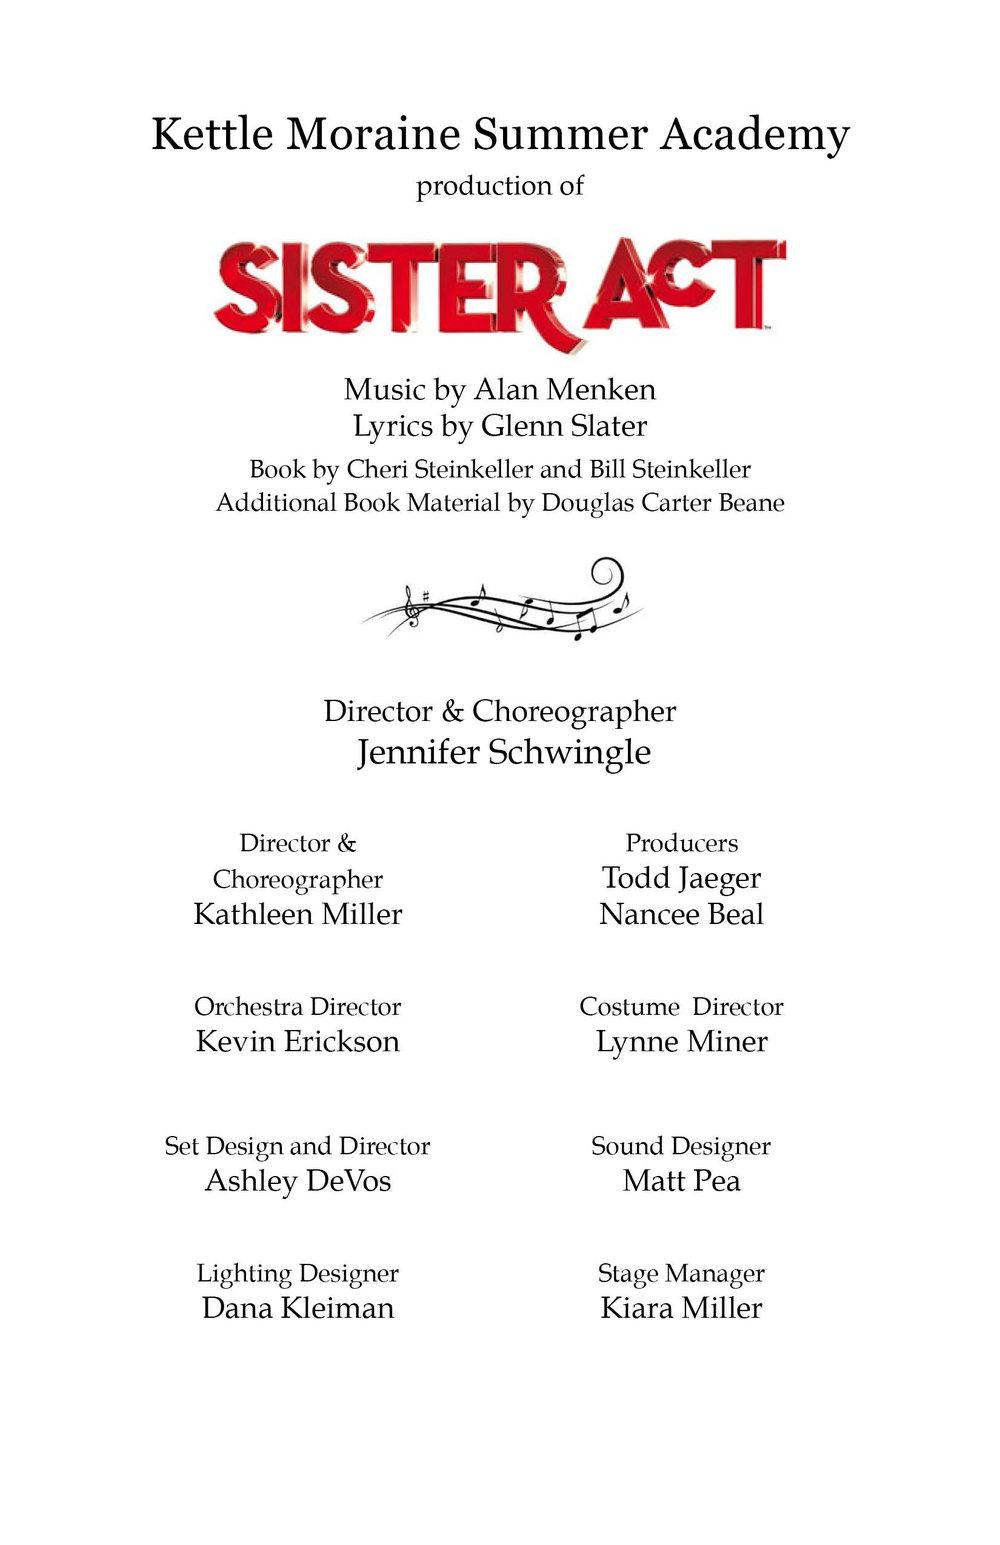 SisterAct20183.jpg